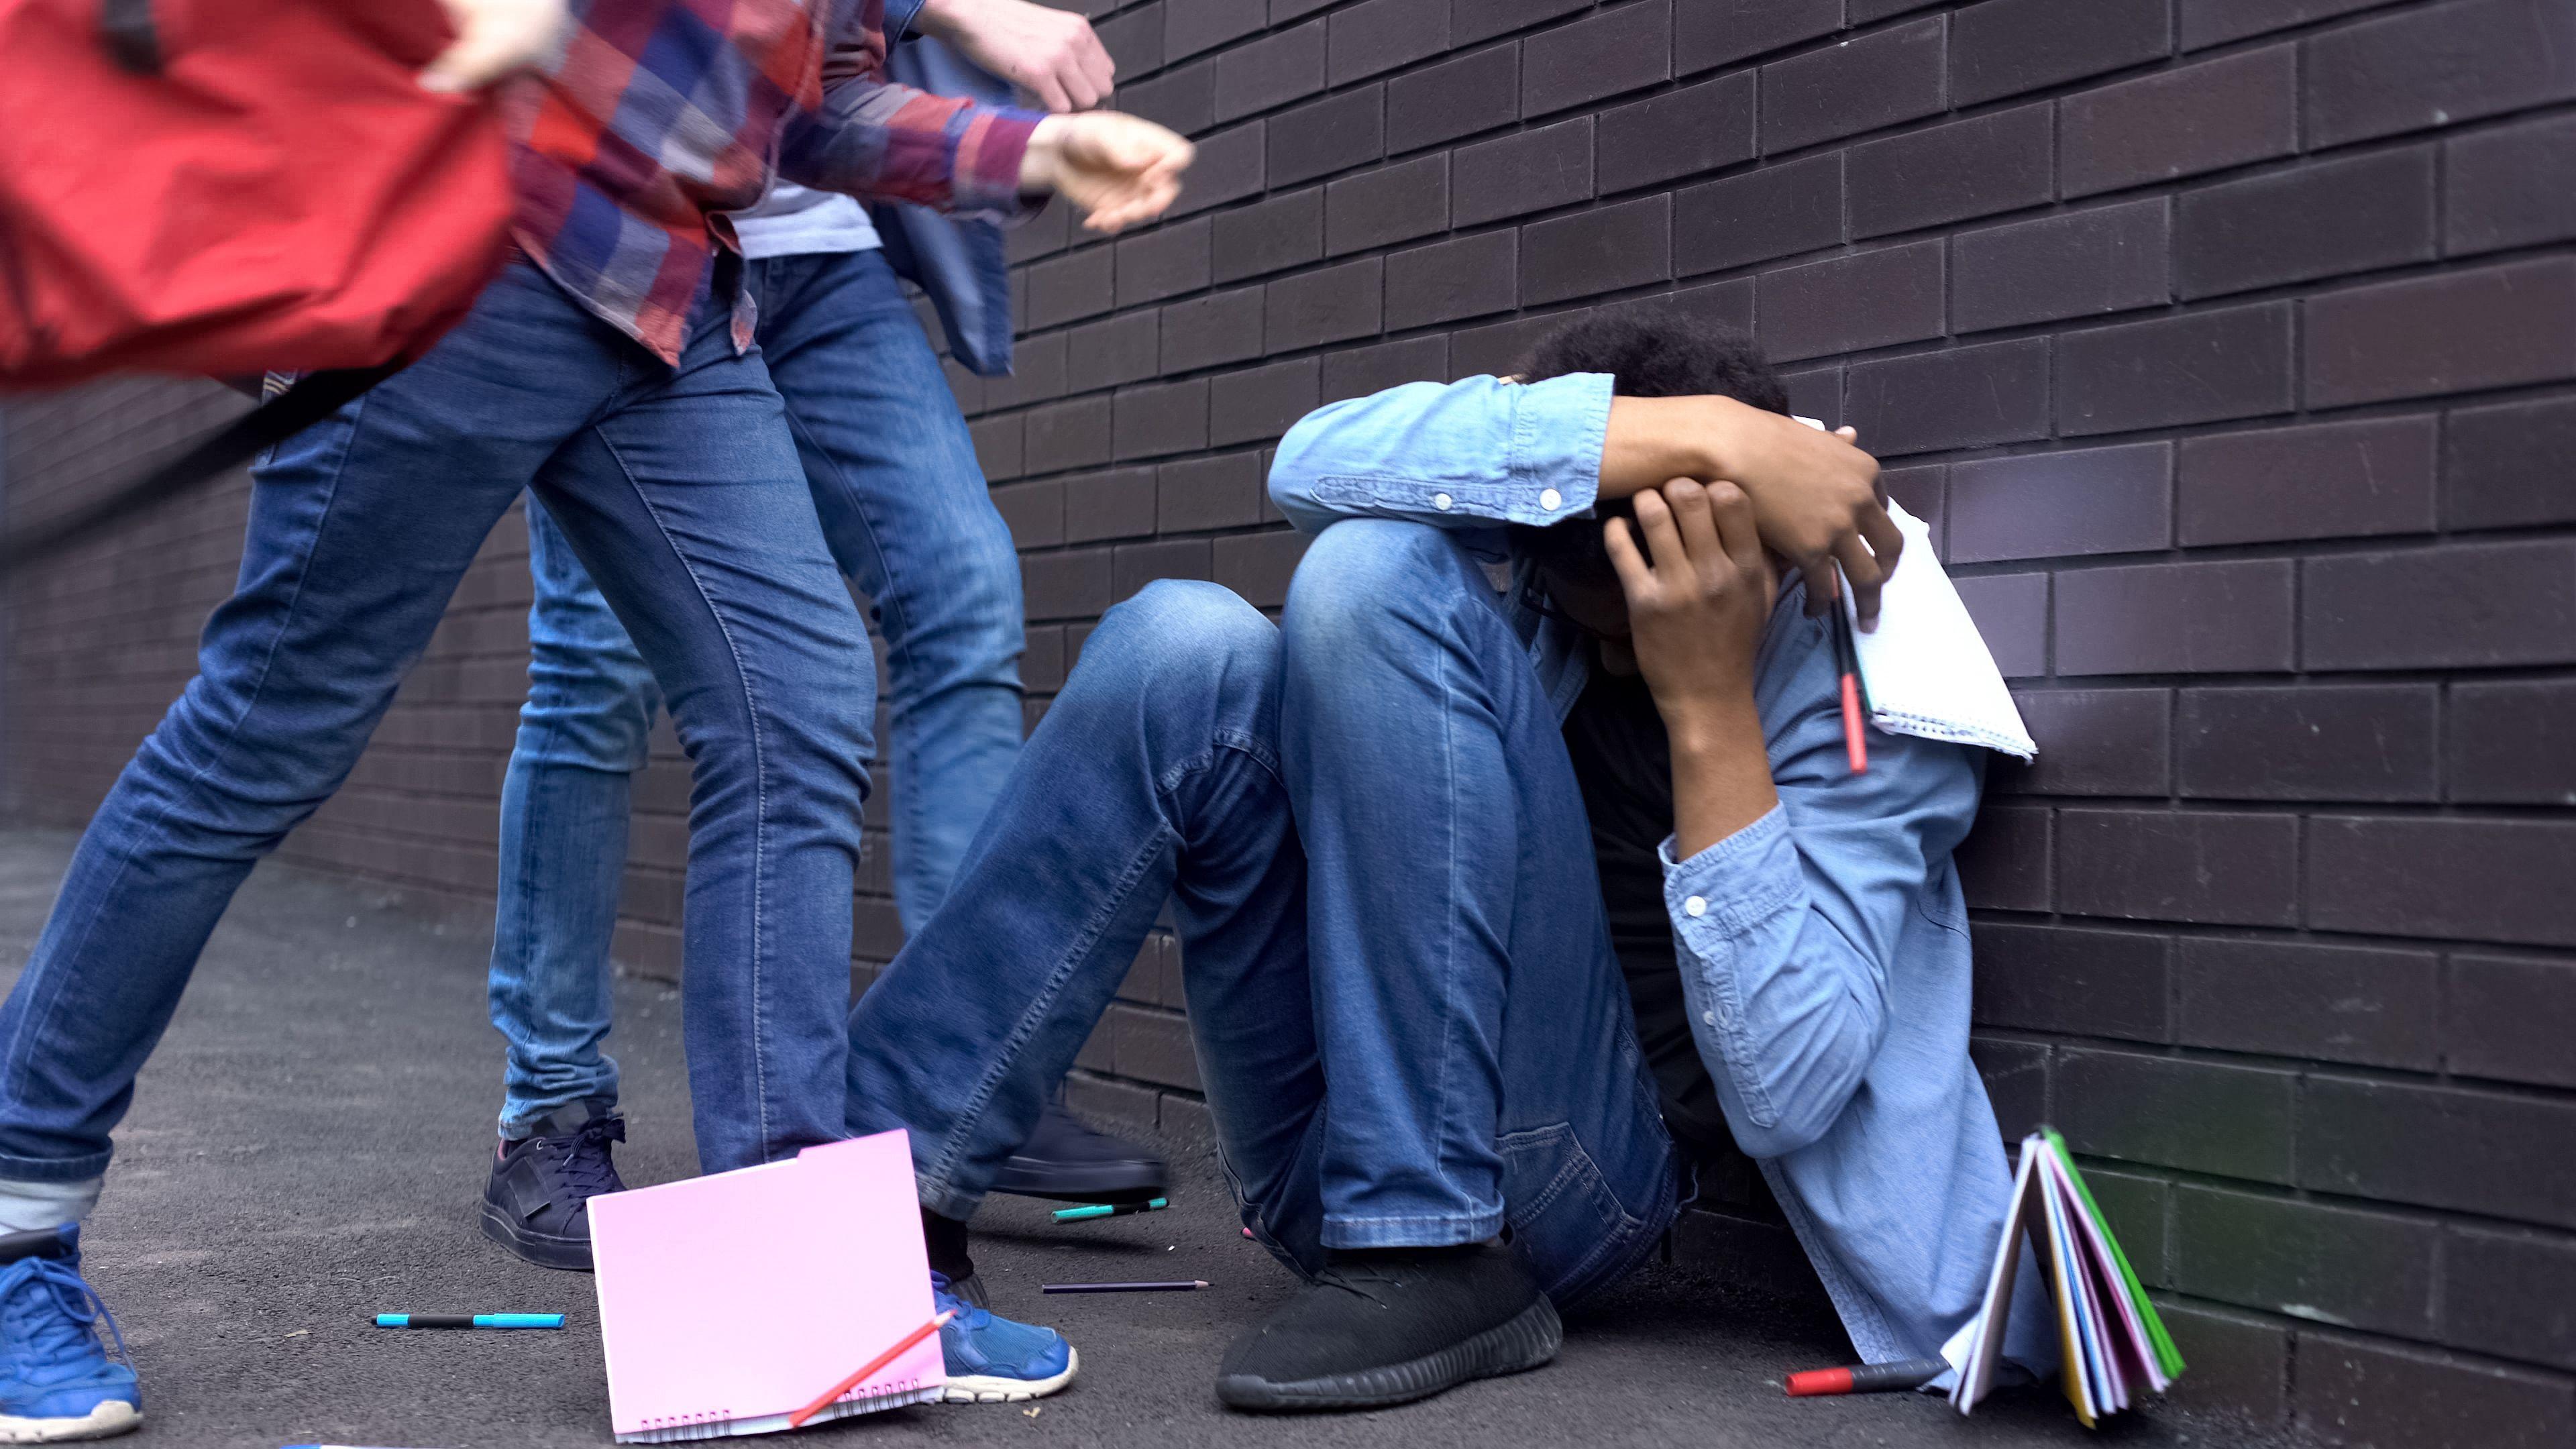 Могут ли нейронауки предсказать подростковую агрессию?